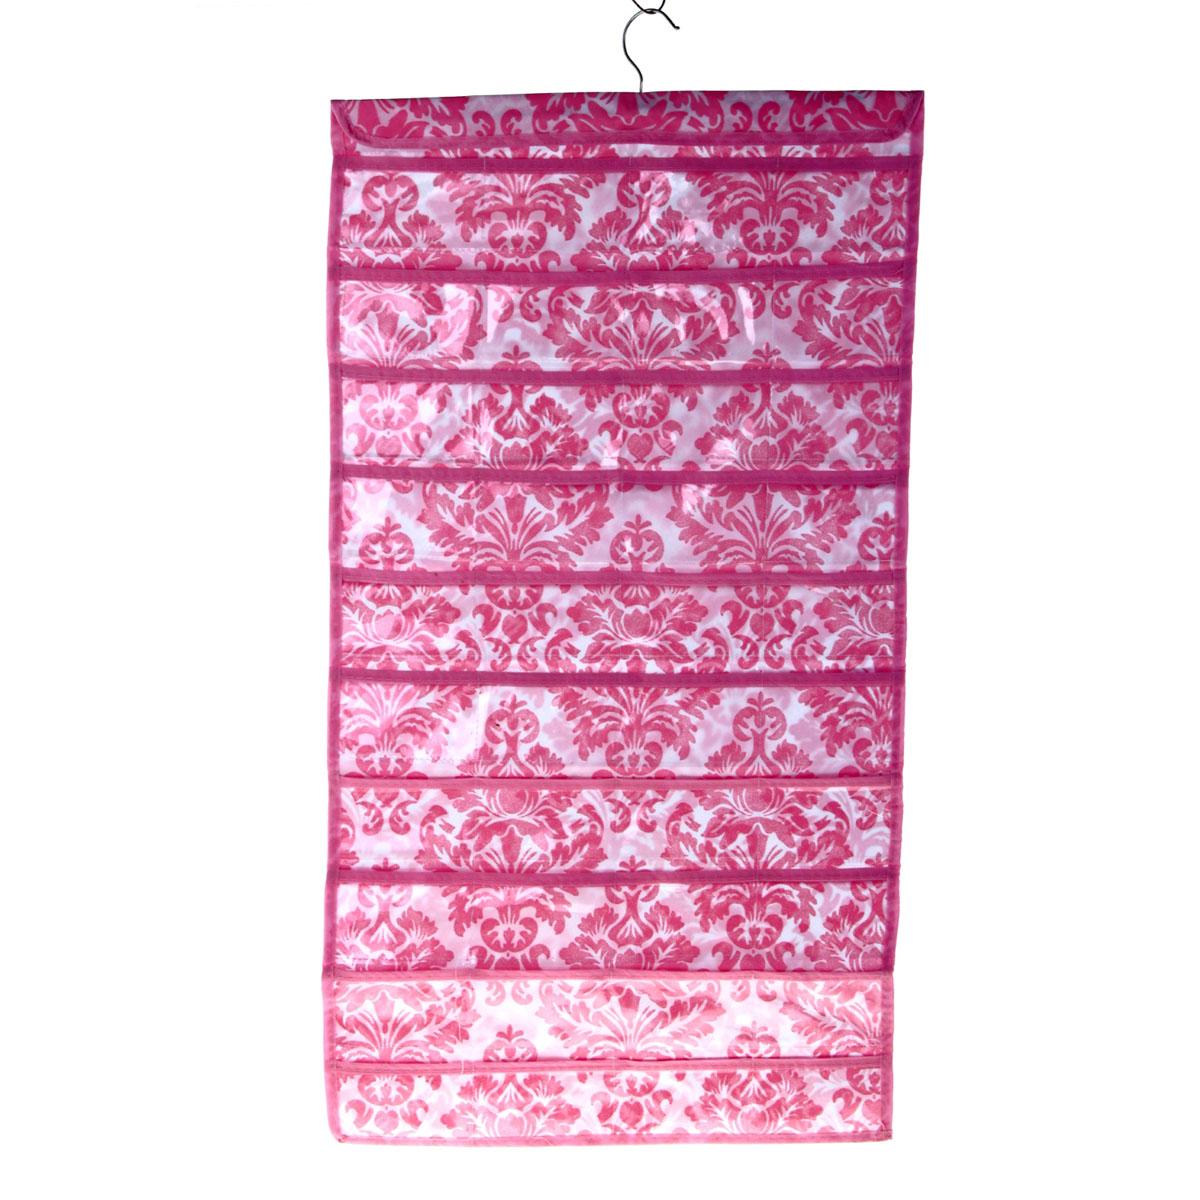 Органайзер для хранения вещей Sima-land с вешалкой, цвет: розовый, 80 отделений. 709827709827Органайзер Sima-land, изготовленный из ПВХ и текстиля, предназначен для хранения необходимых вещей, множества мелочей в гардеробной, ванной, детской комнатах. Изделие представляет собой текстильное полотно с 80 пришитыми кармашками. Благодаря металлической вешалке, органайзер можно подвесить на стену или дверь в необходимом для вас месте.Органайзер декорирован оригинальным цветочным орнаментом.Этот нужный предмет может стать одновременно и декоративным элементом комнаты. Яркий дизайн, как ничто иное, способен оживить интерьер вашего дома.Размер отделений: 11 см х 6 см.